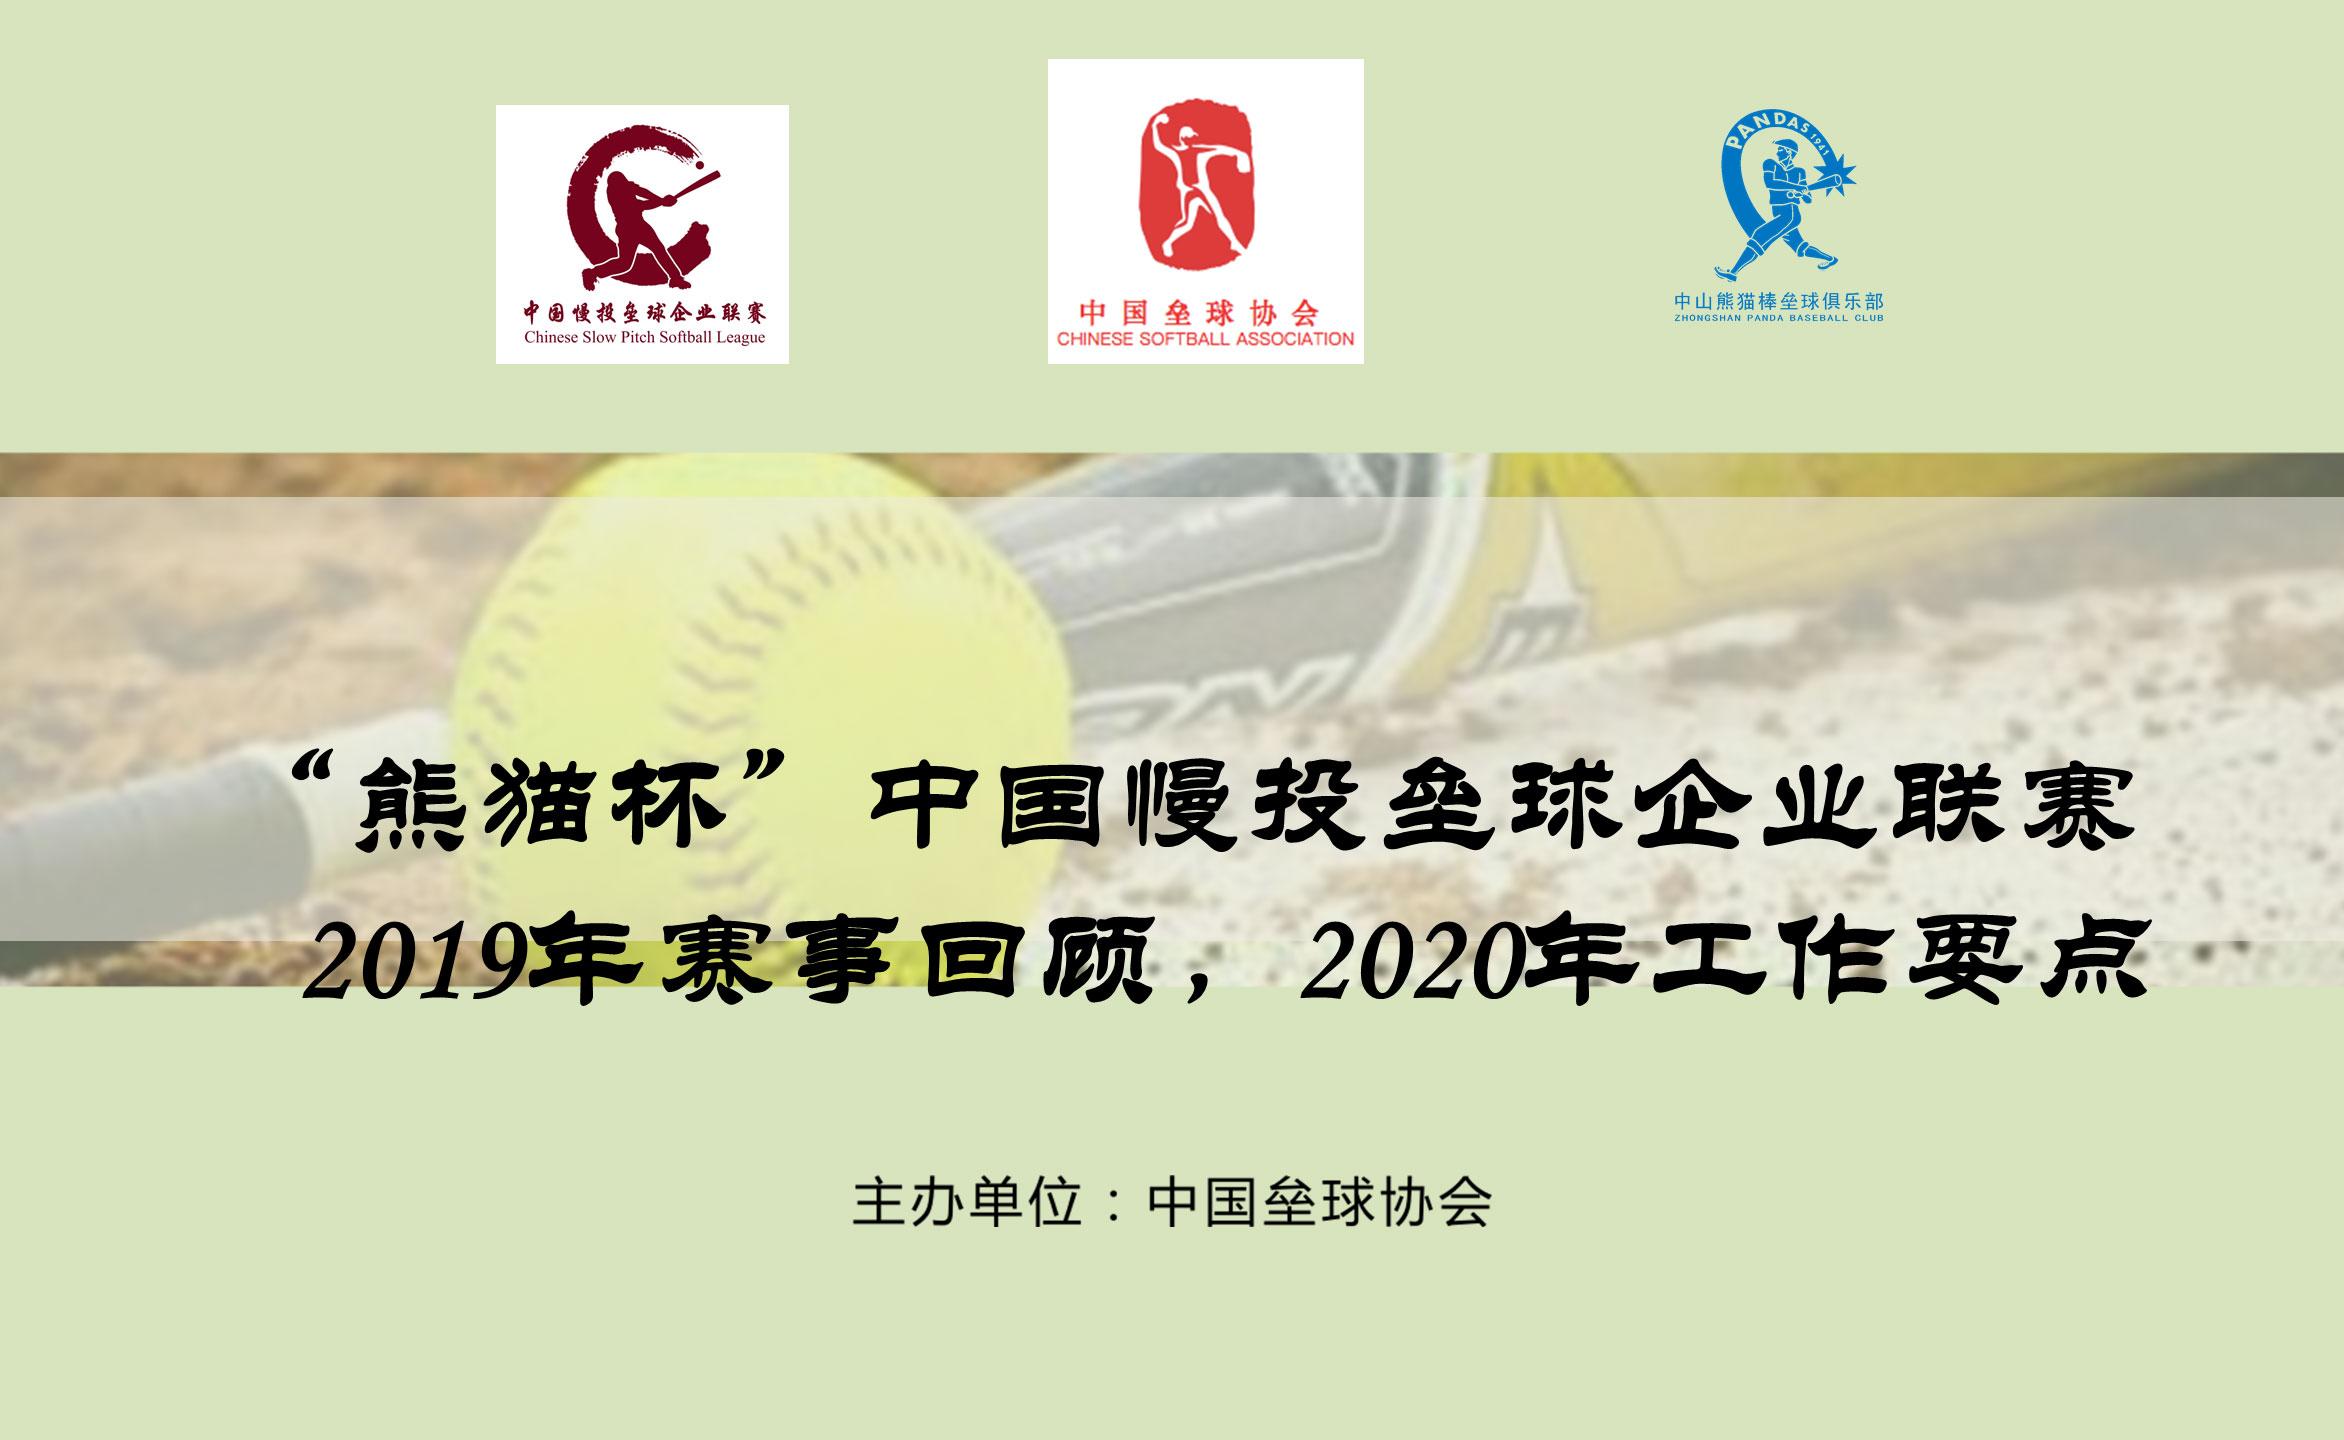 """""""熊猫杯""""慢垒联赛2019回顾及2020工作要点"""